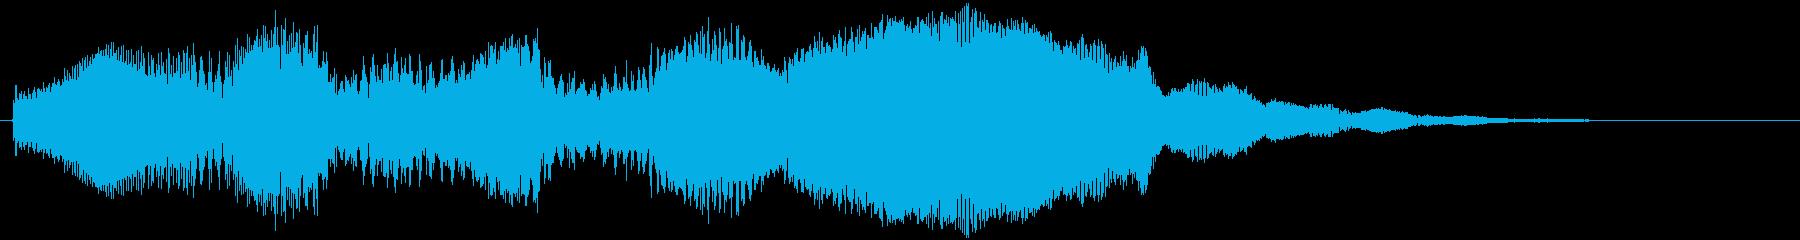 スタート音などの再生済みの波形